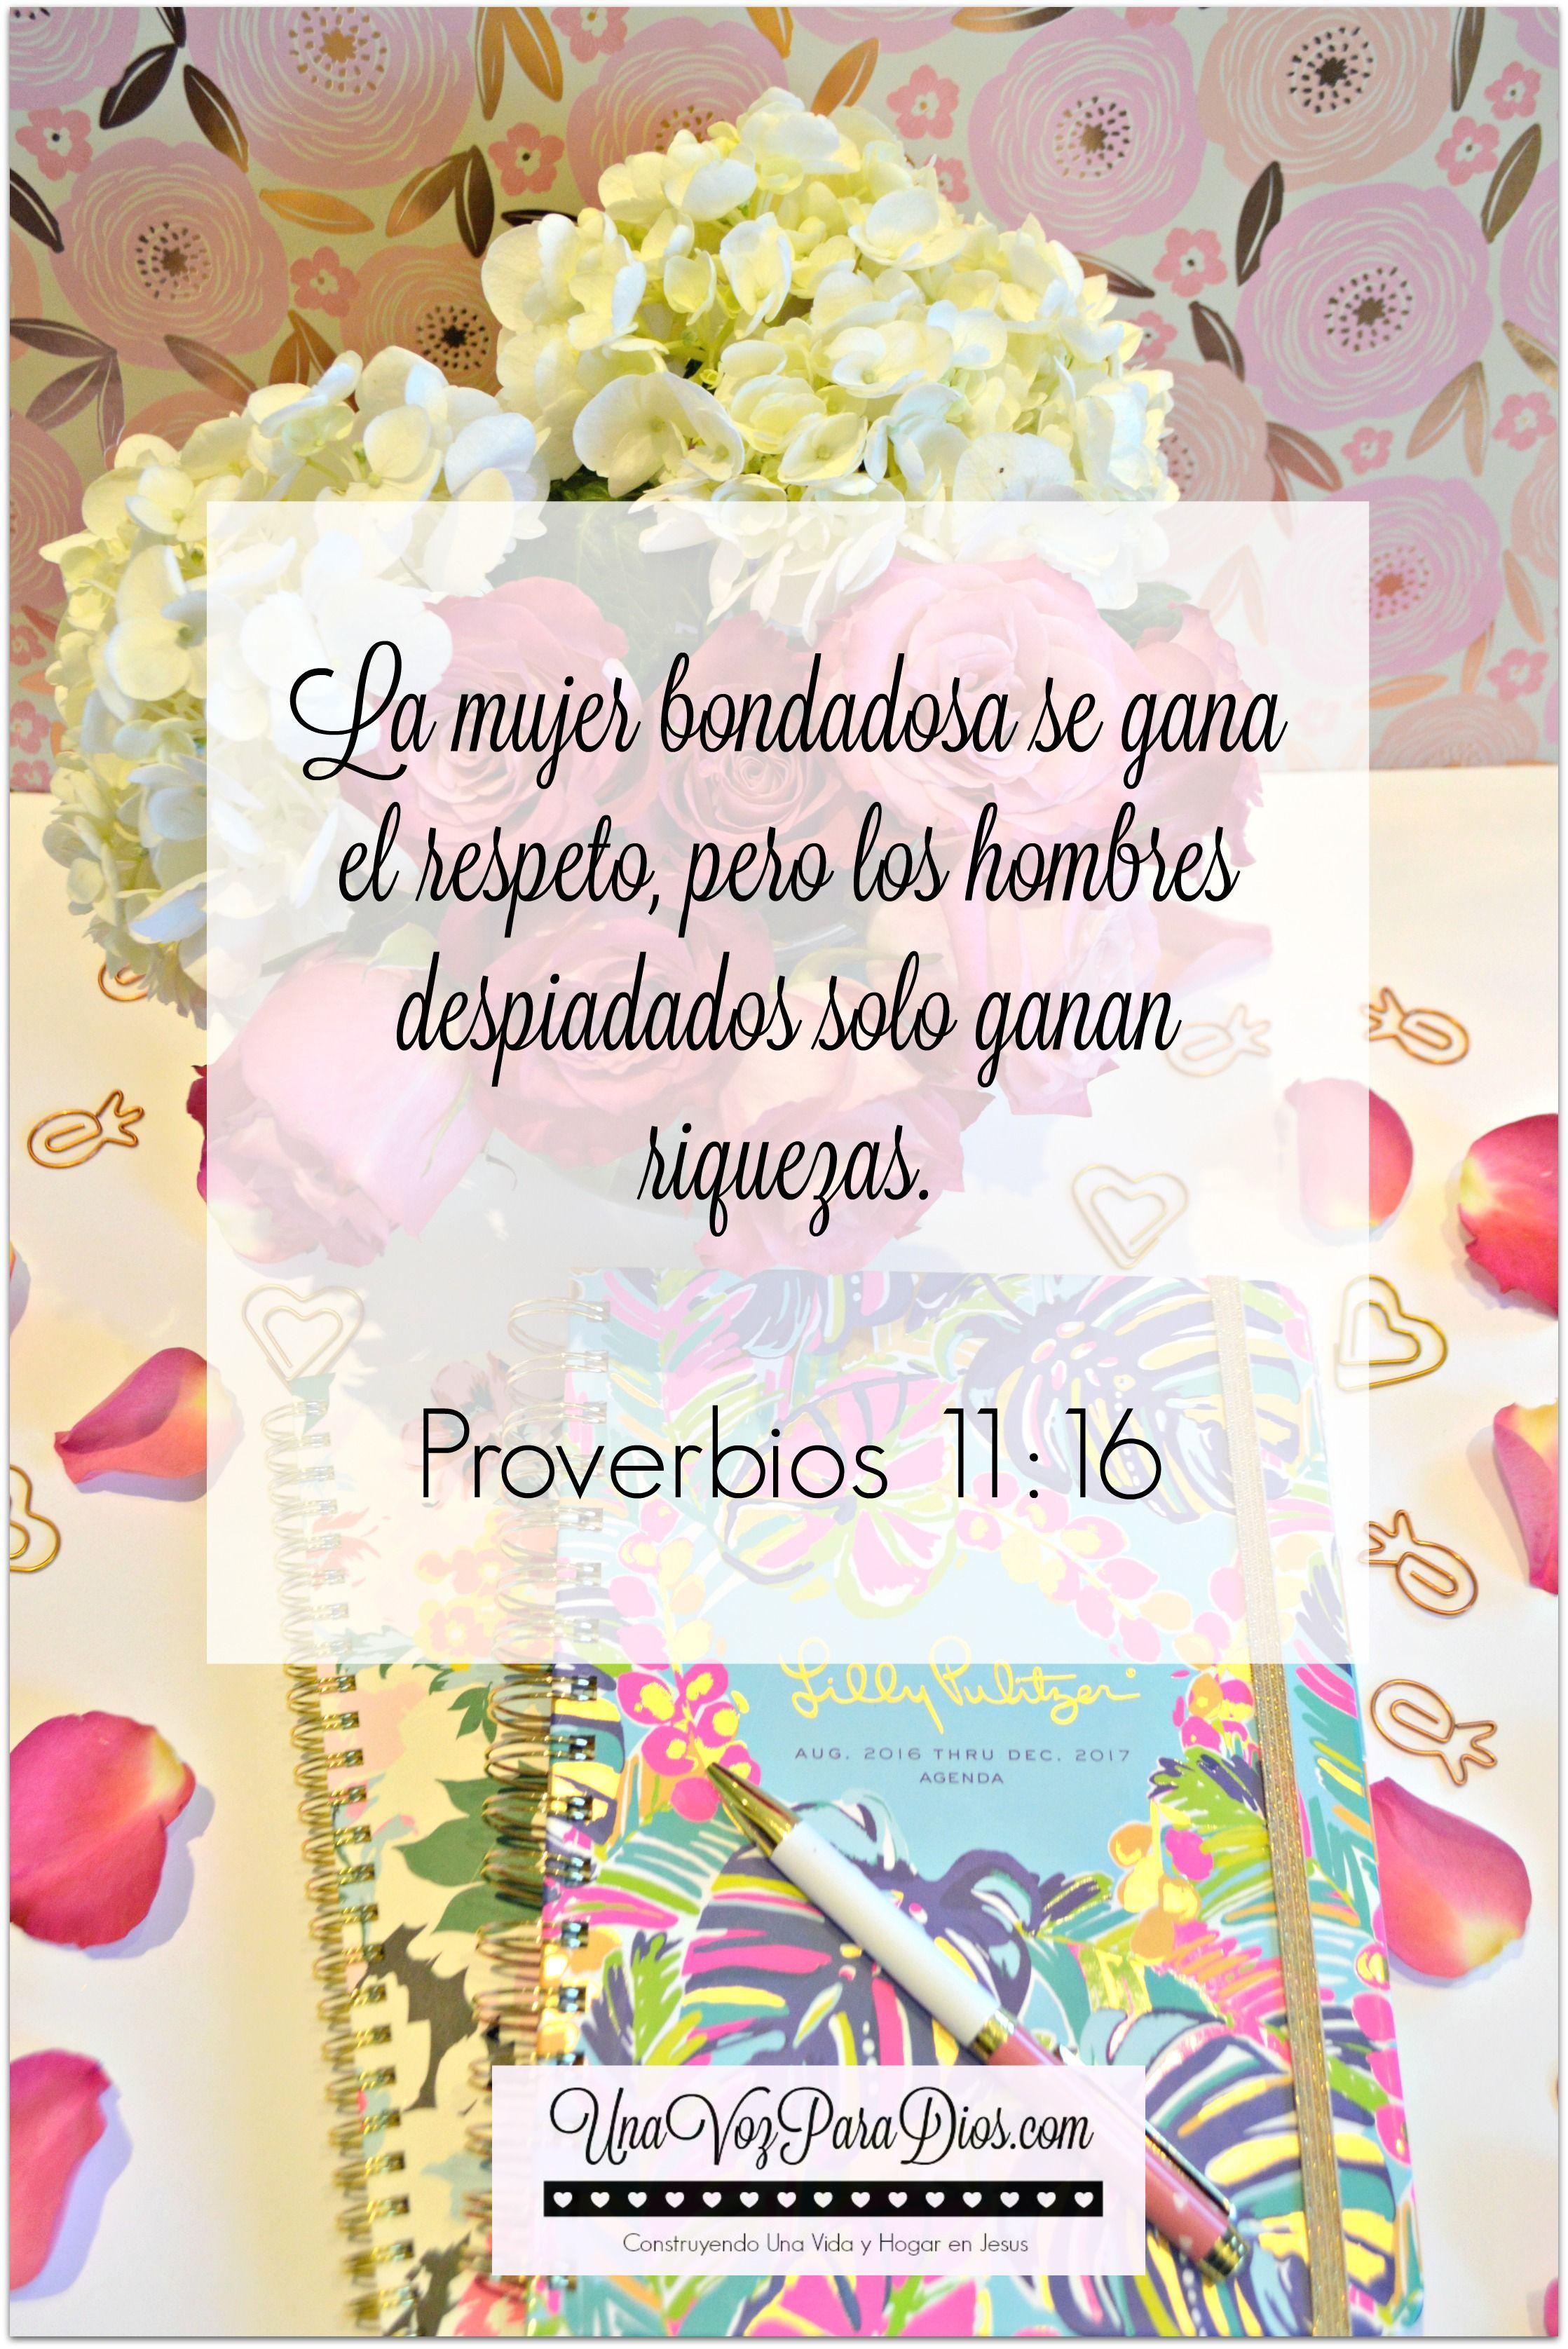 Biblicos de autoestima proverbios